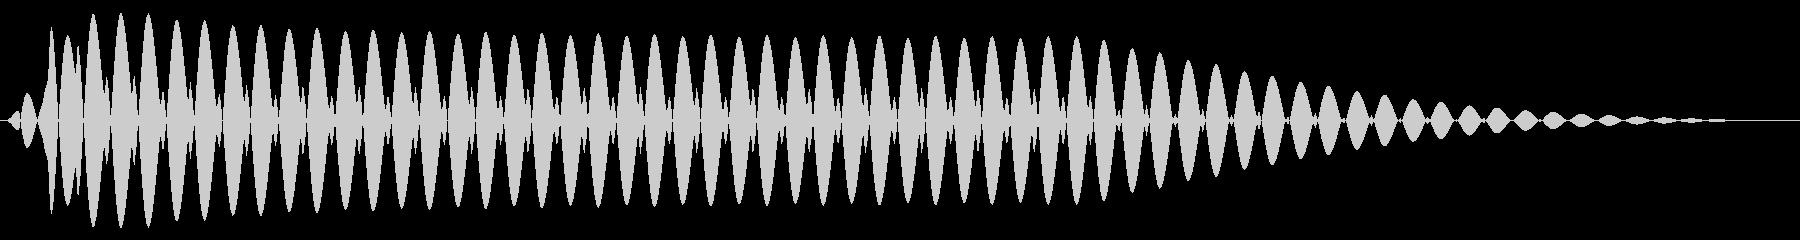 往年のRPG風 コマンド音 シリーズ 1の未再生の波形